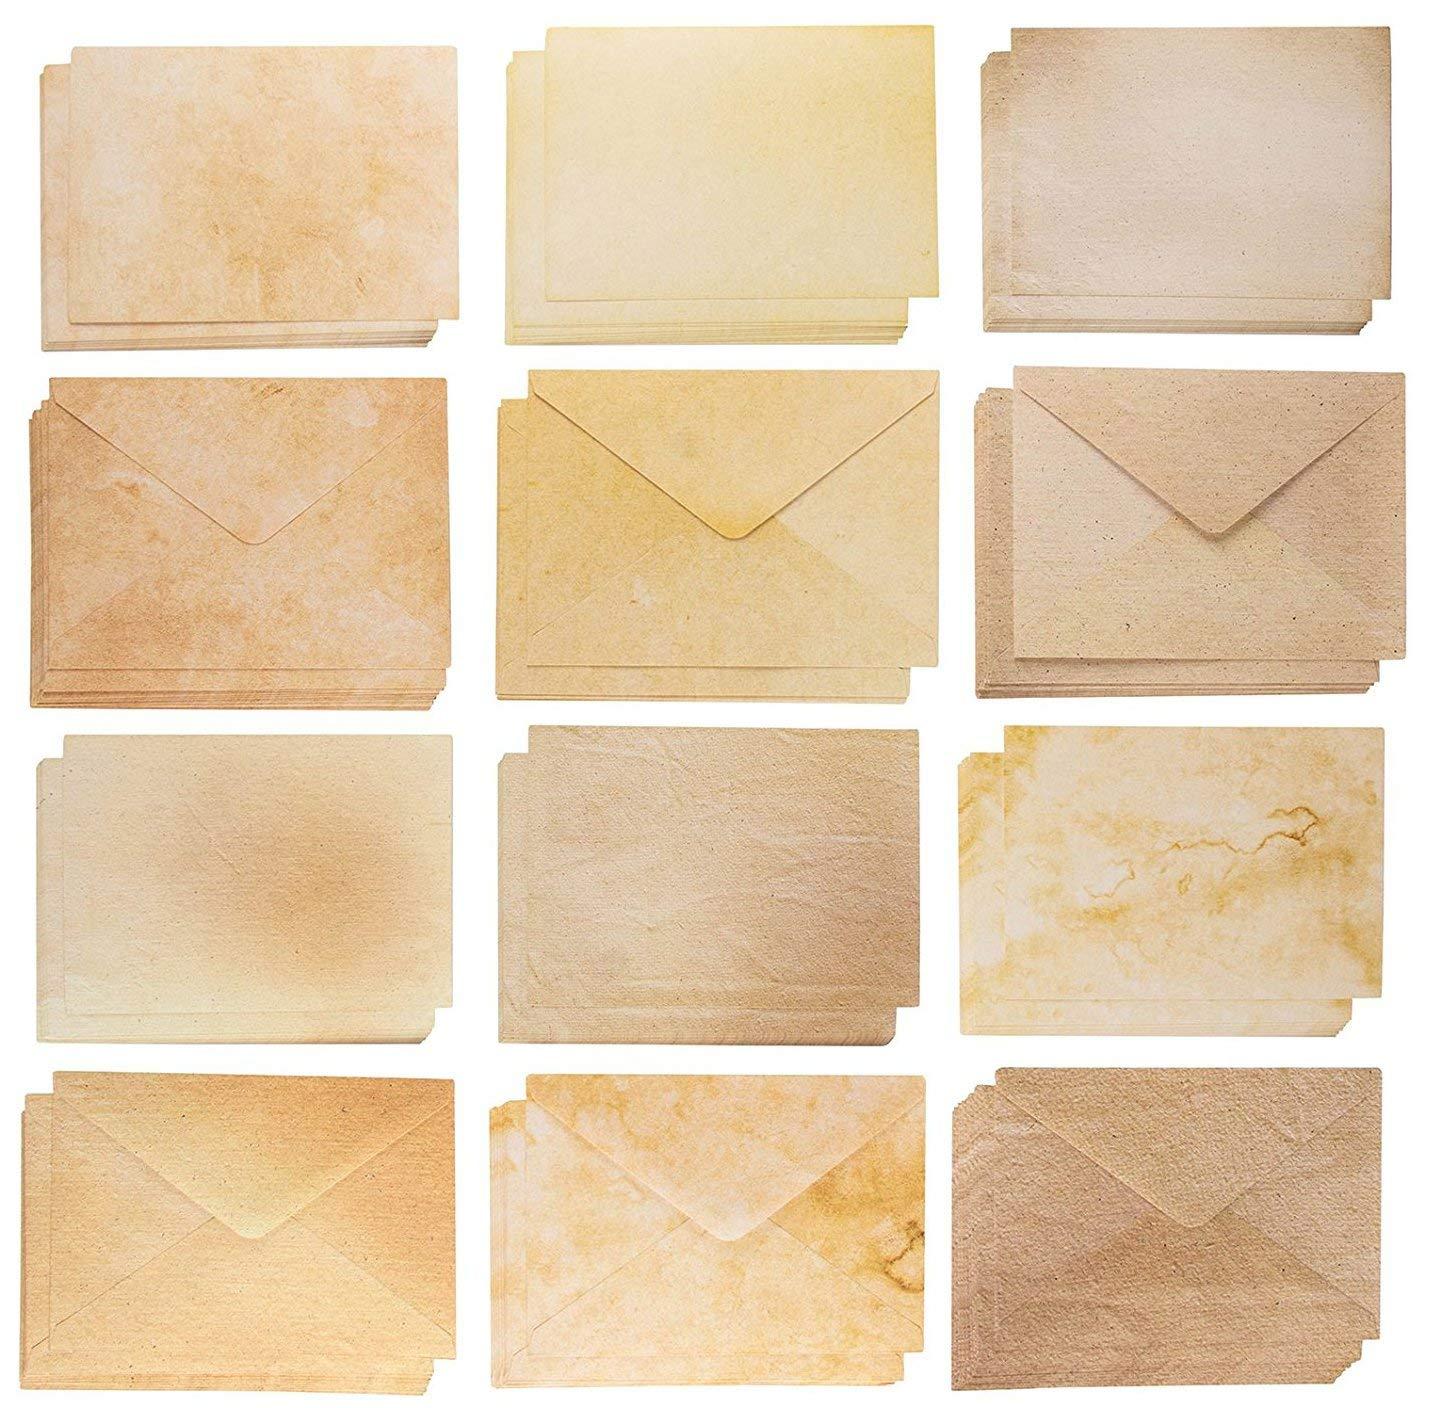 Aged Vintage-style Parchment Envelopes #10